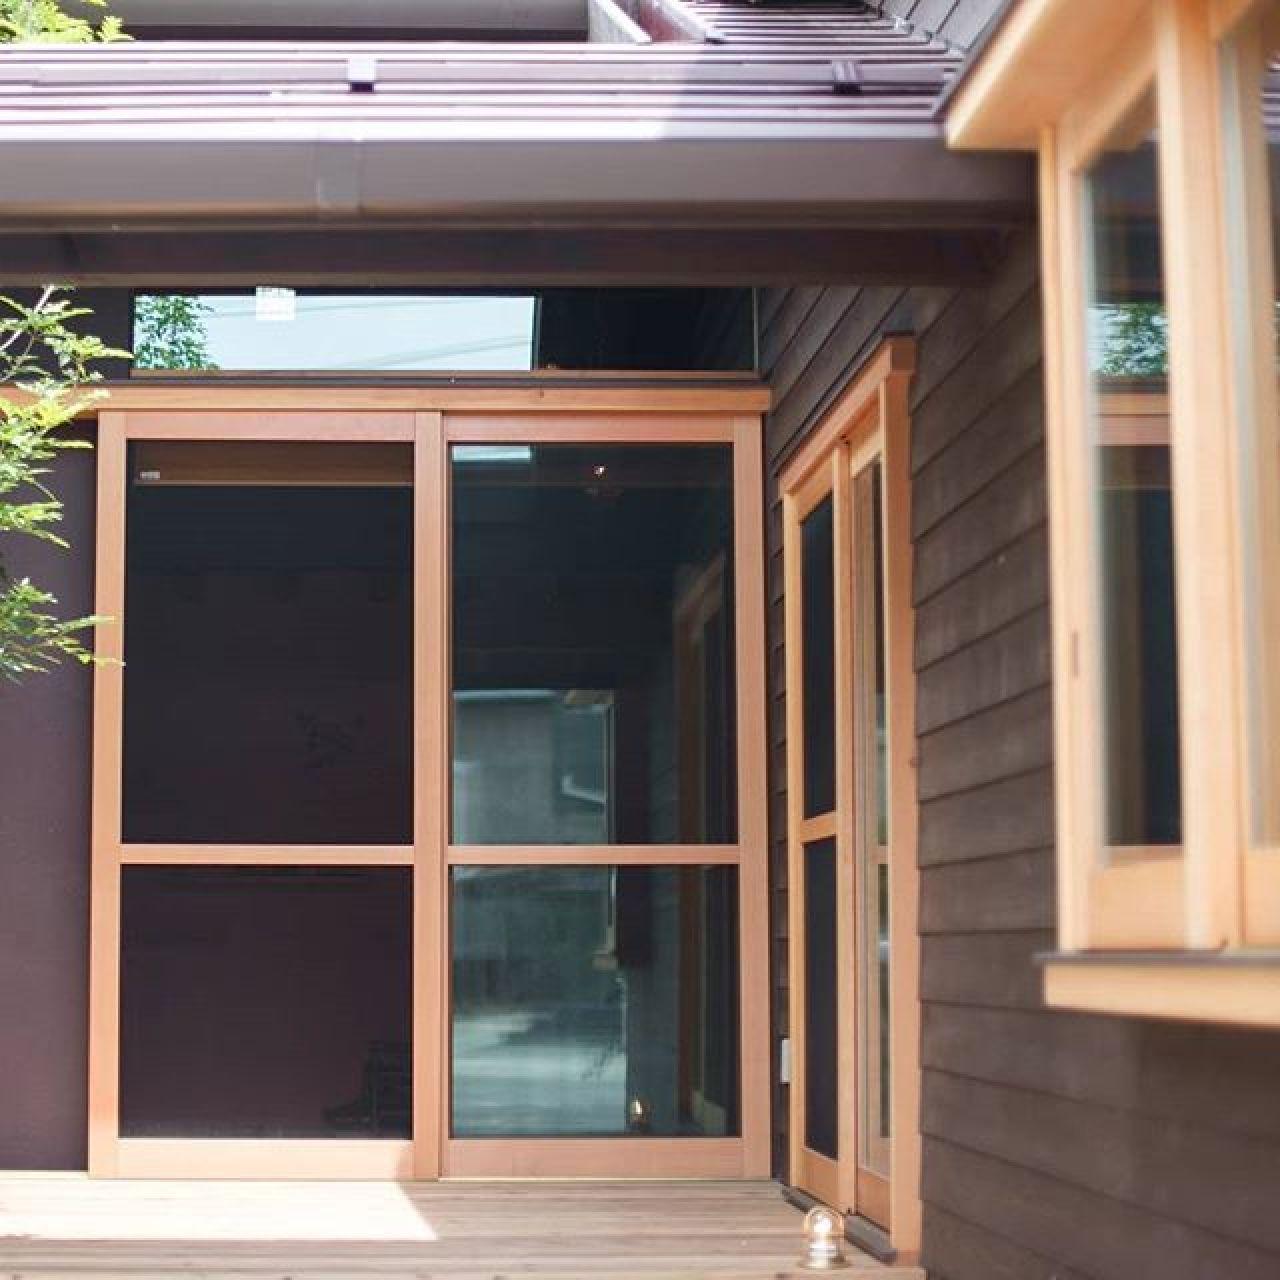 日射を取り込むパッシブな家。窓枠は手造りの木製。その枠にペアガラスをはめ込んでいます。経年変化も楽しめるこだわりの家。#手造り#窓#木製窓#木漏れ日#デッキ#ウッドデッキ #シンボルツリー#自然素材#注文住宅